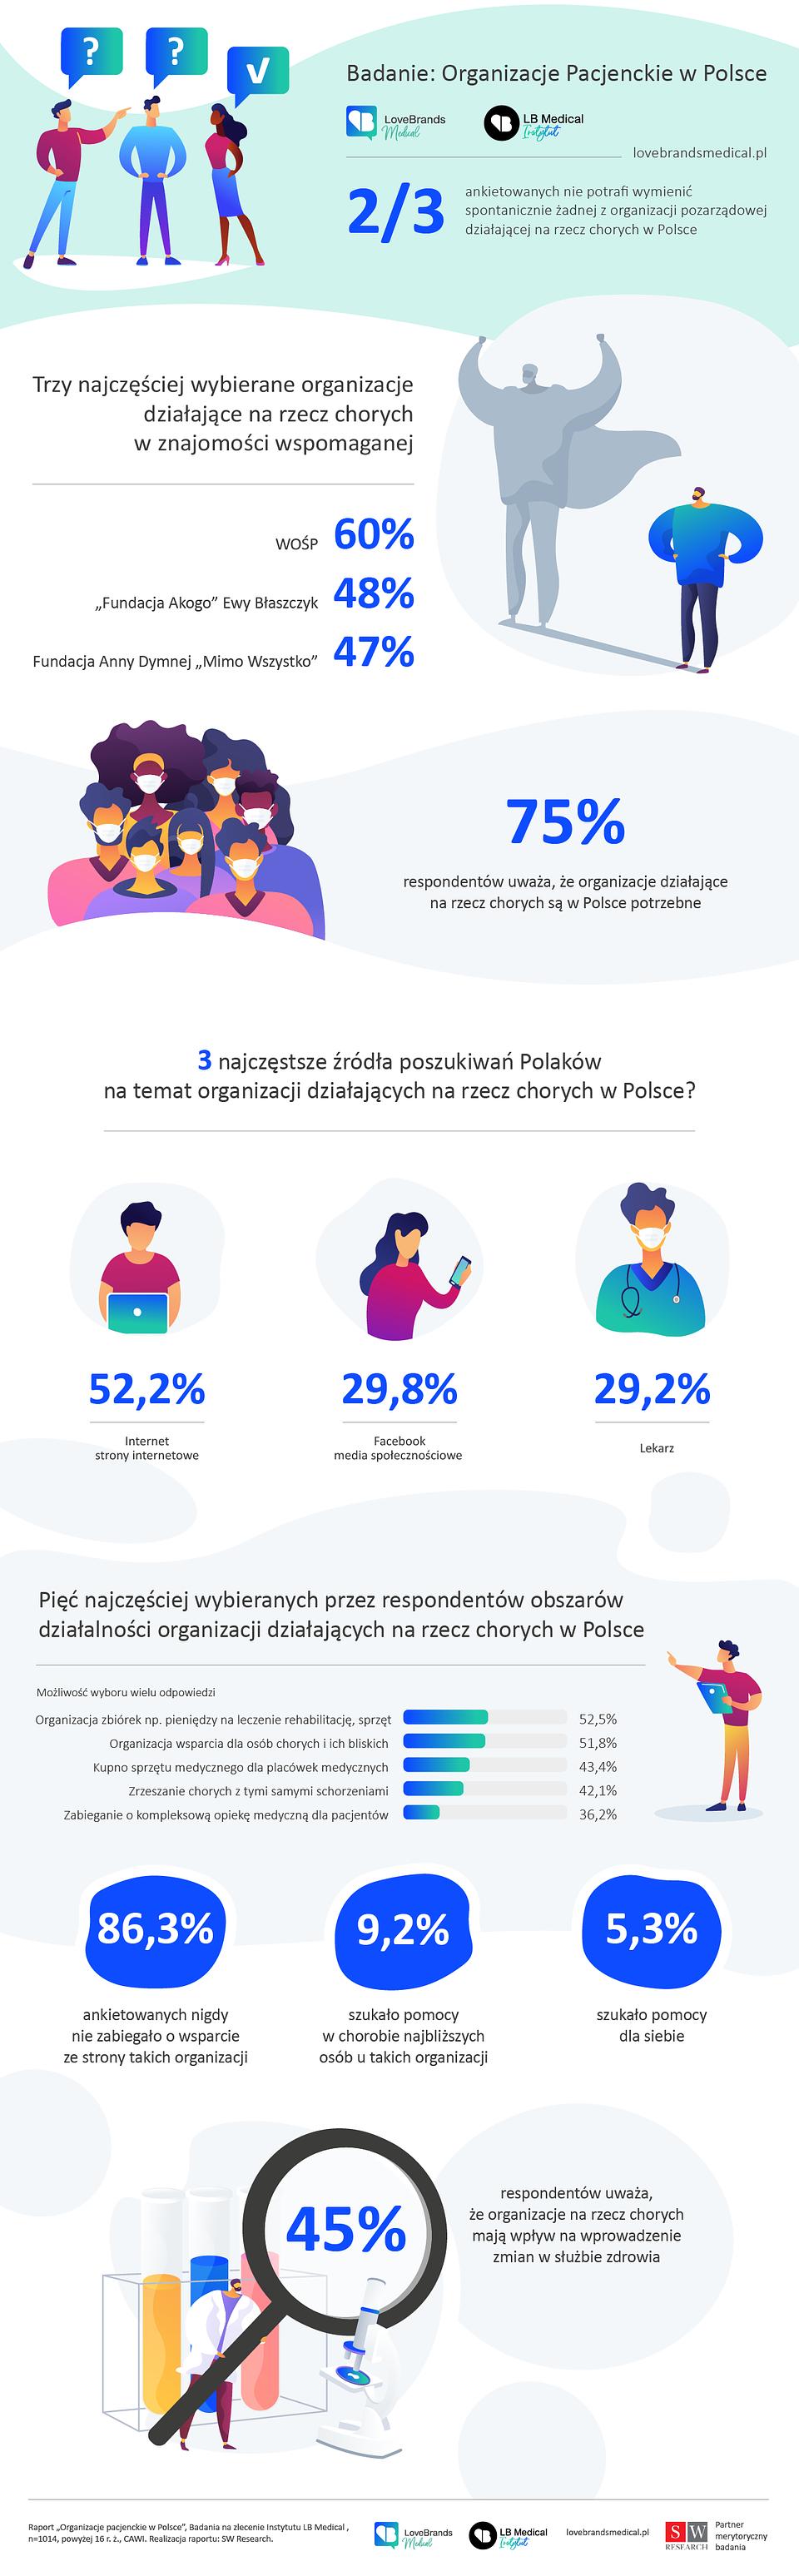 Infografika_Organizacje pacjenckie w Polsce.png